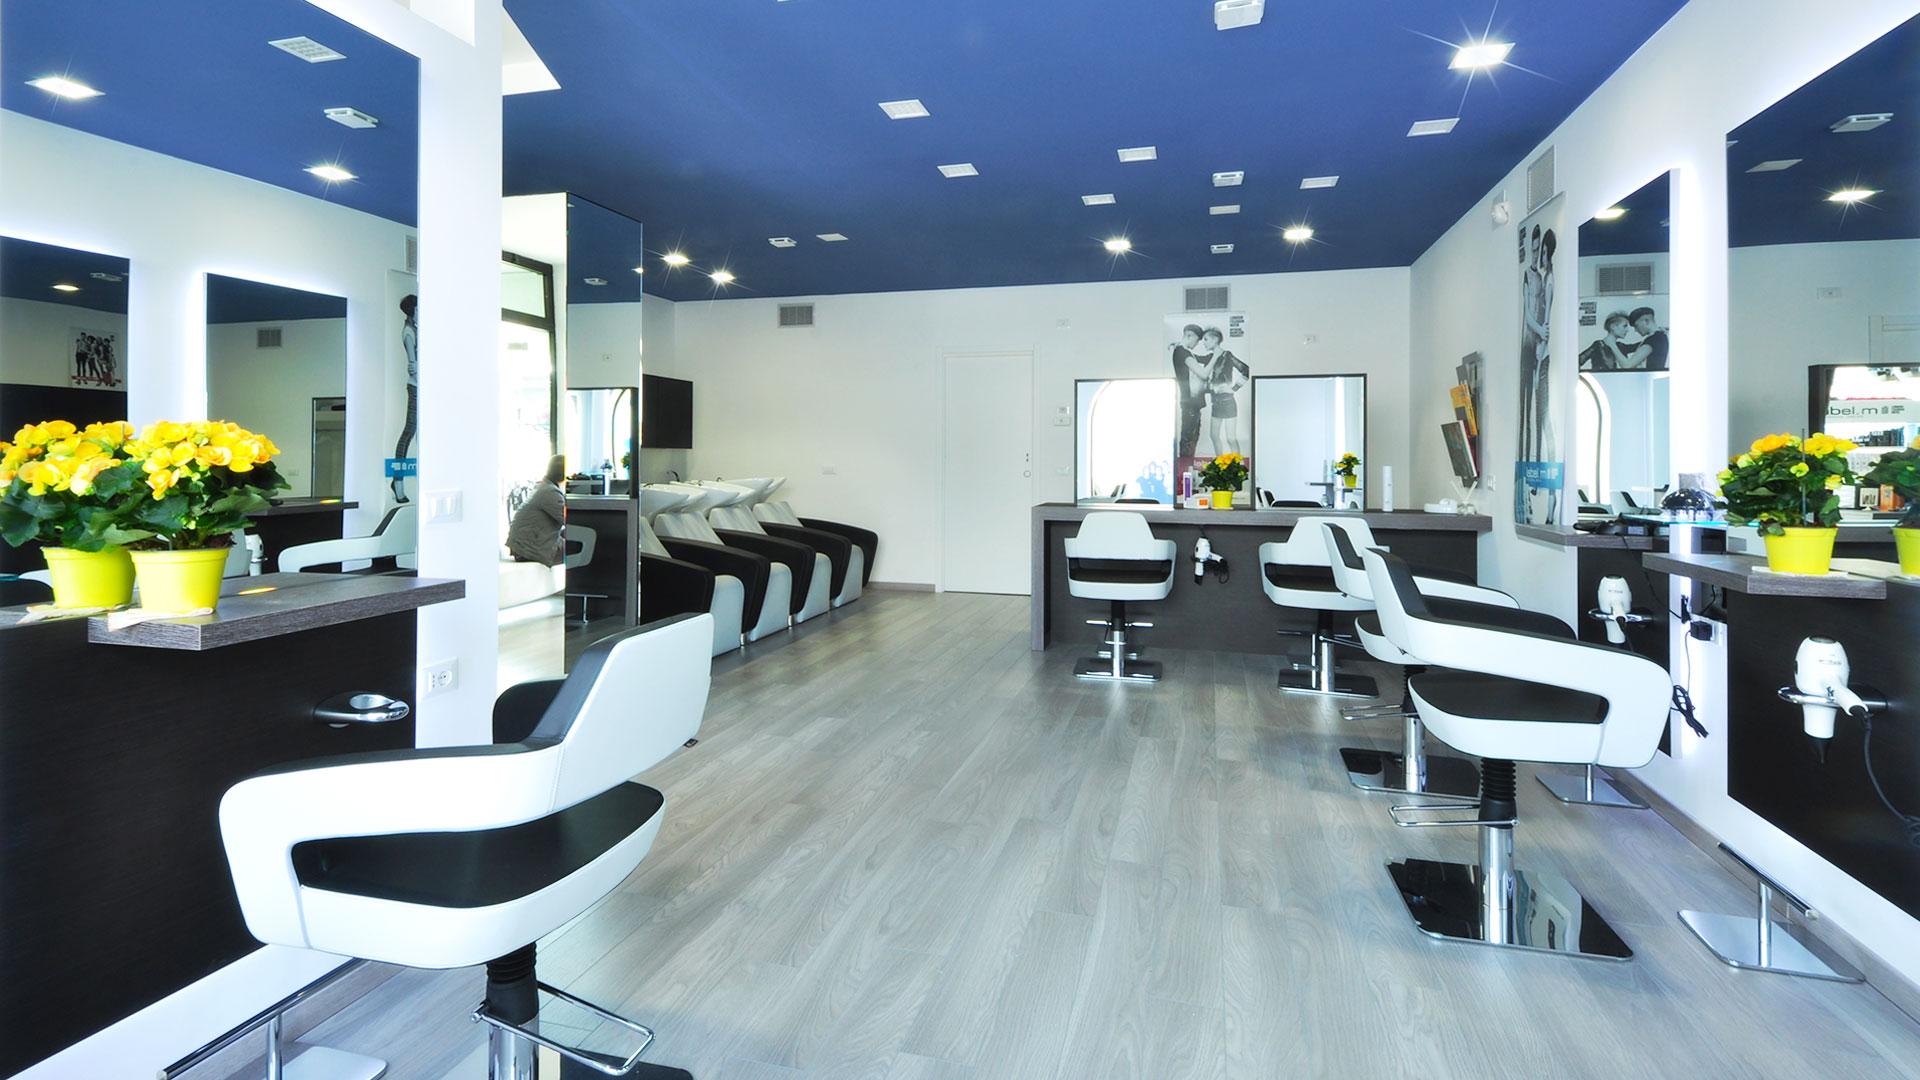 Linee guida per il tuo salone arredamento per interni a for Programmi di arredamento